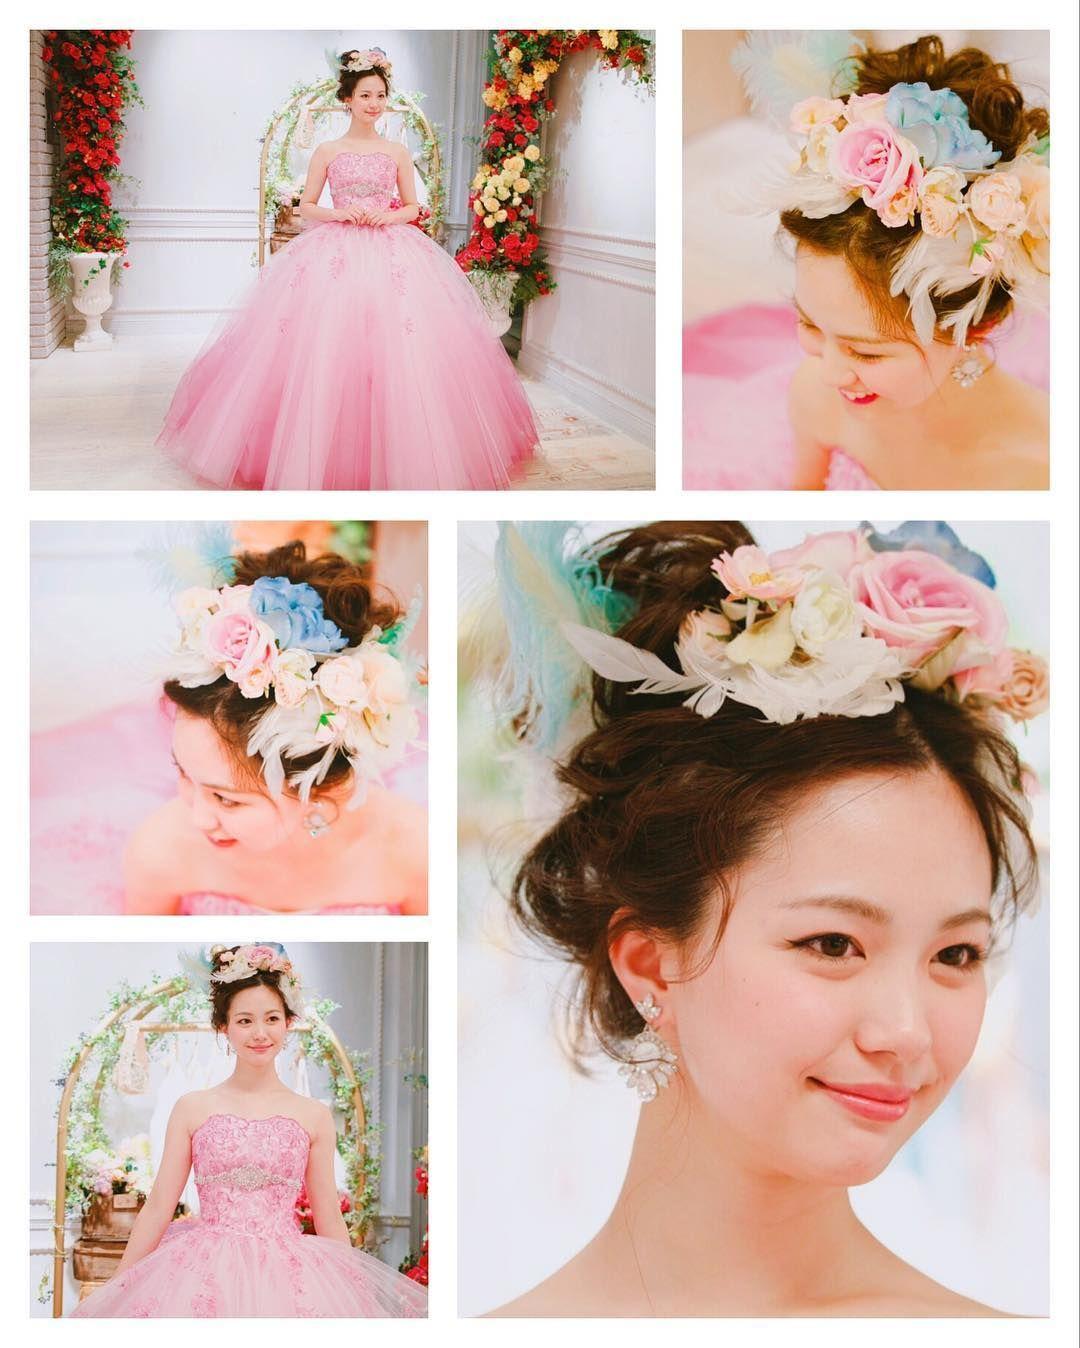 a8f2dc44dce0b 「花嫁 ヘアアレンジ ウェディング ヘアスタイル」おしゃれまとめの人気アイデア|Pinterest |silver moon